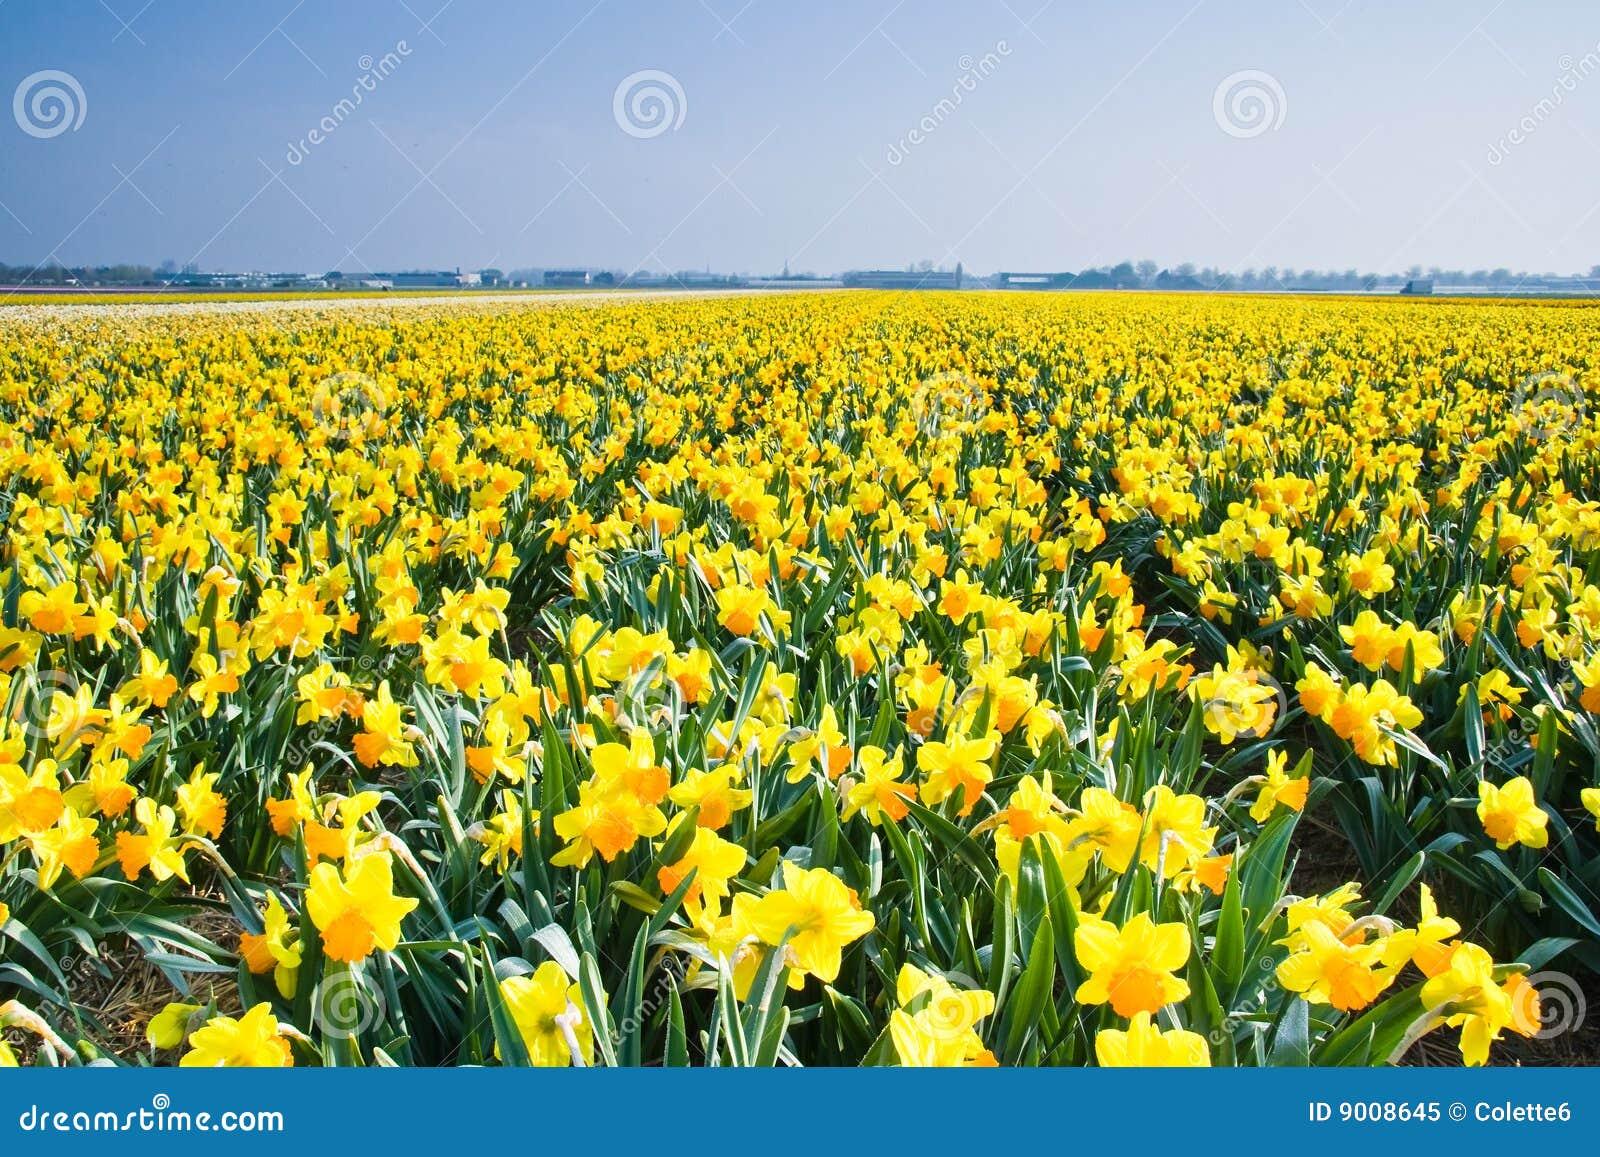 Campo Con Los Narcisos Amarillos En Abril Imagen De Archivo Imagen - Narcisos-amarillos